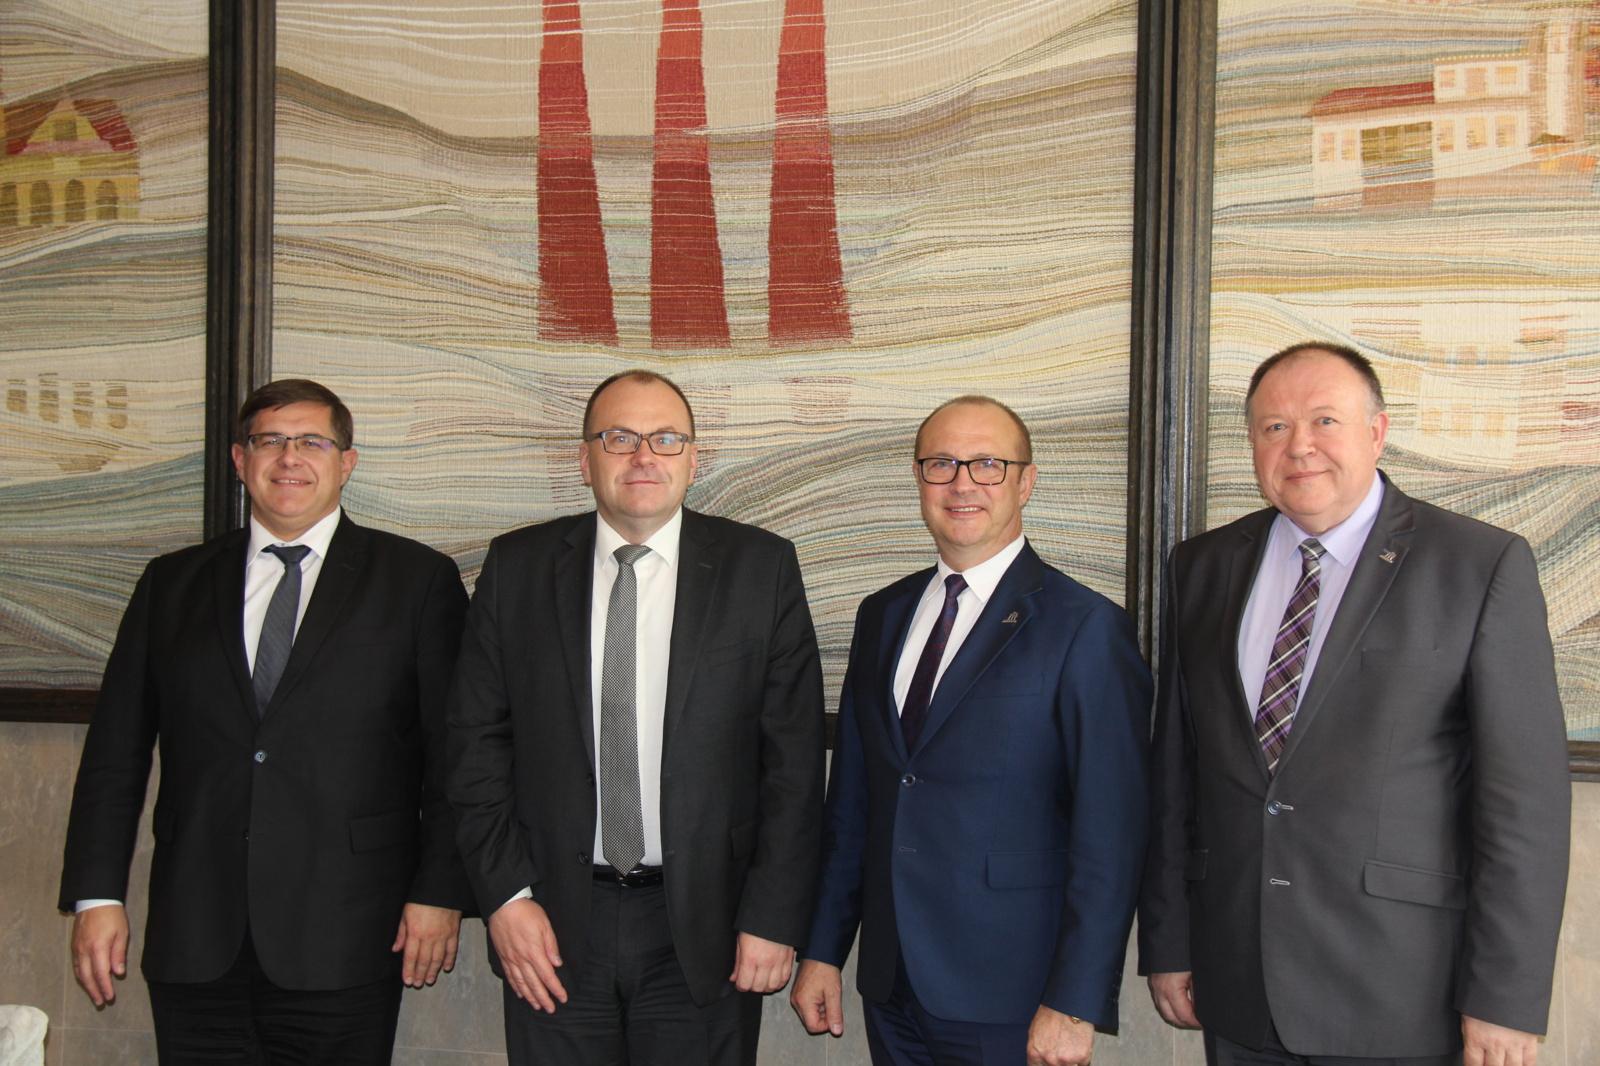 Druskininkų vadovai priėmė Baltarusijos diplomatus